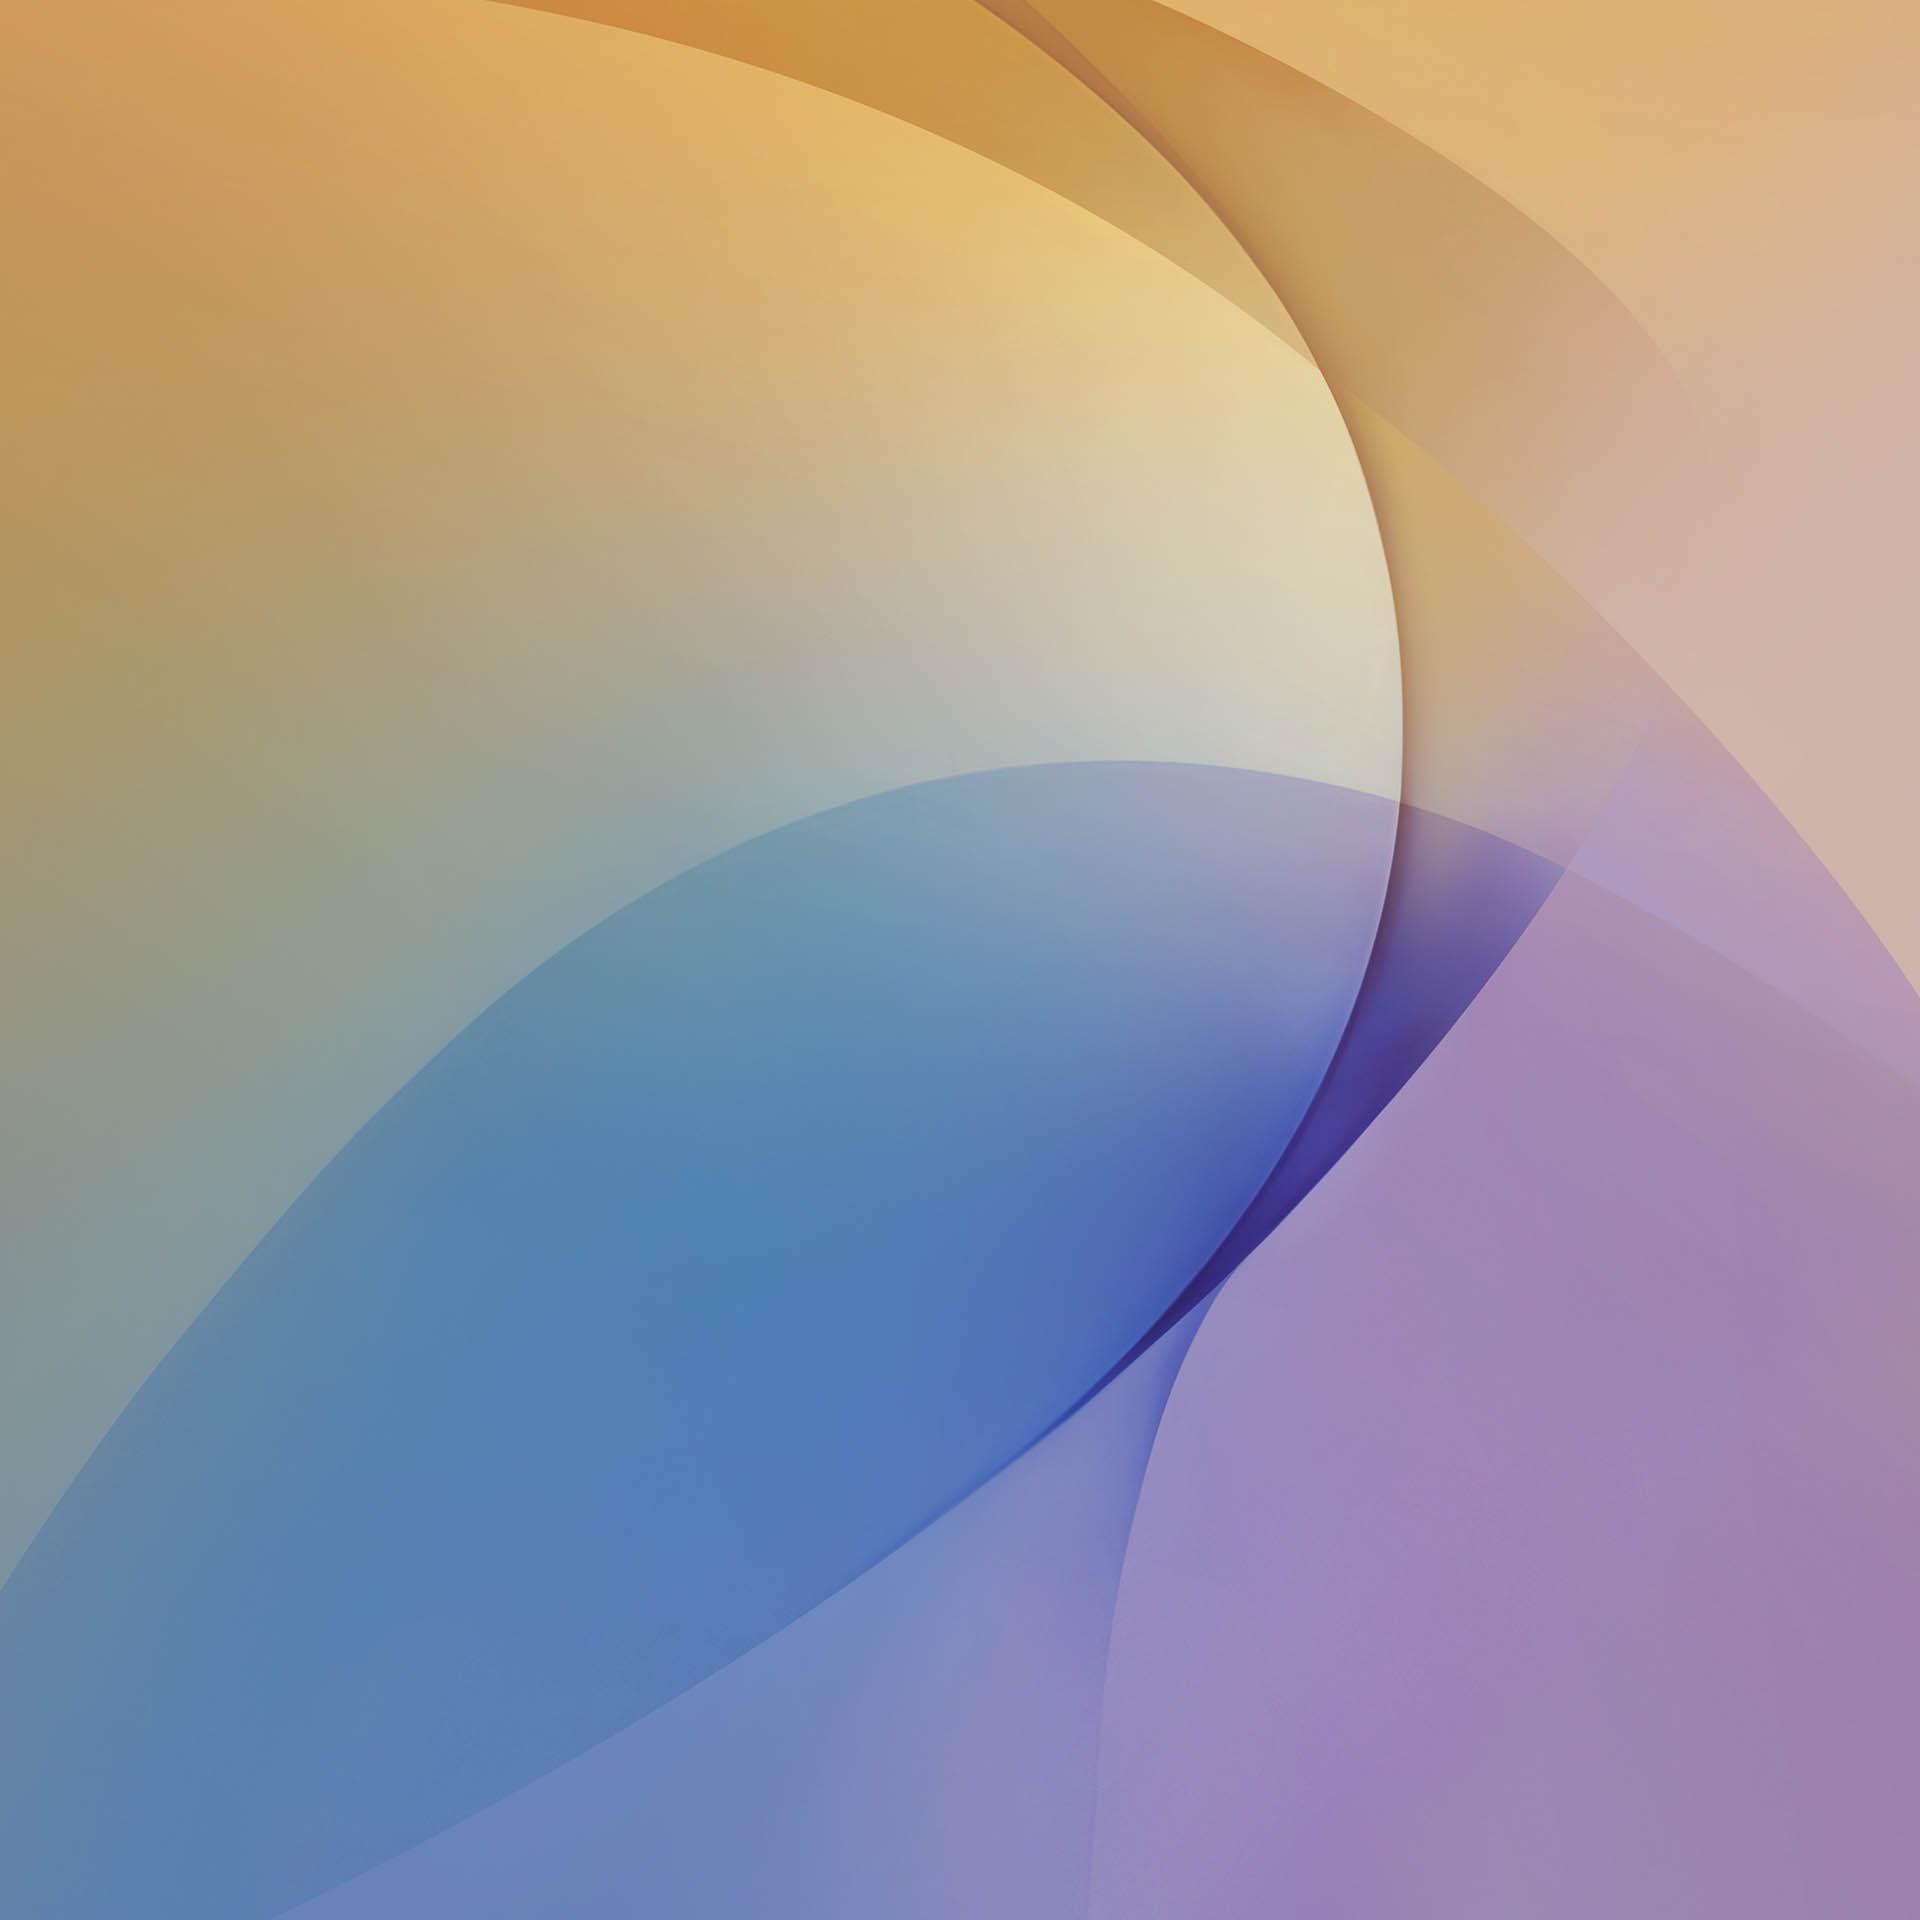 galaxy-j7-prime-wallpaper